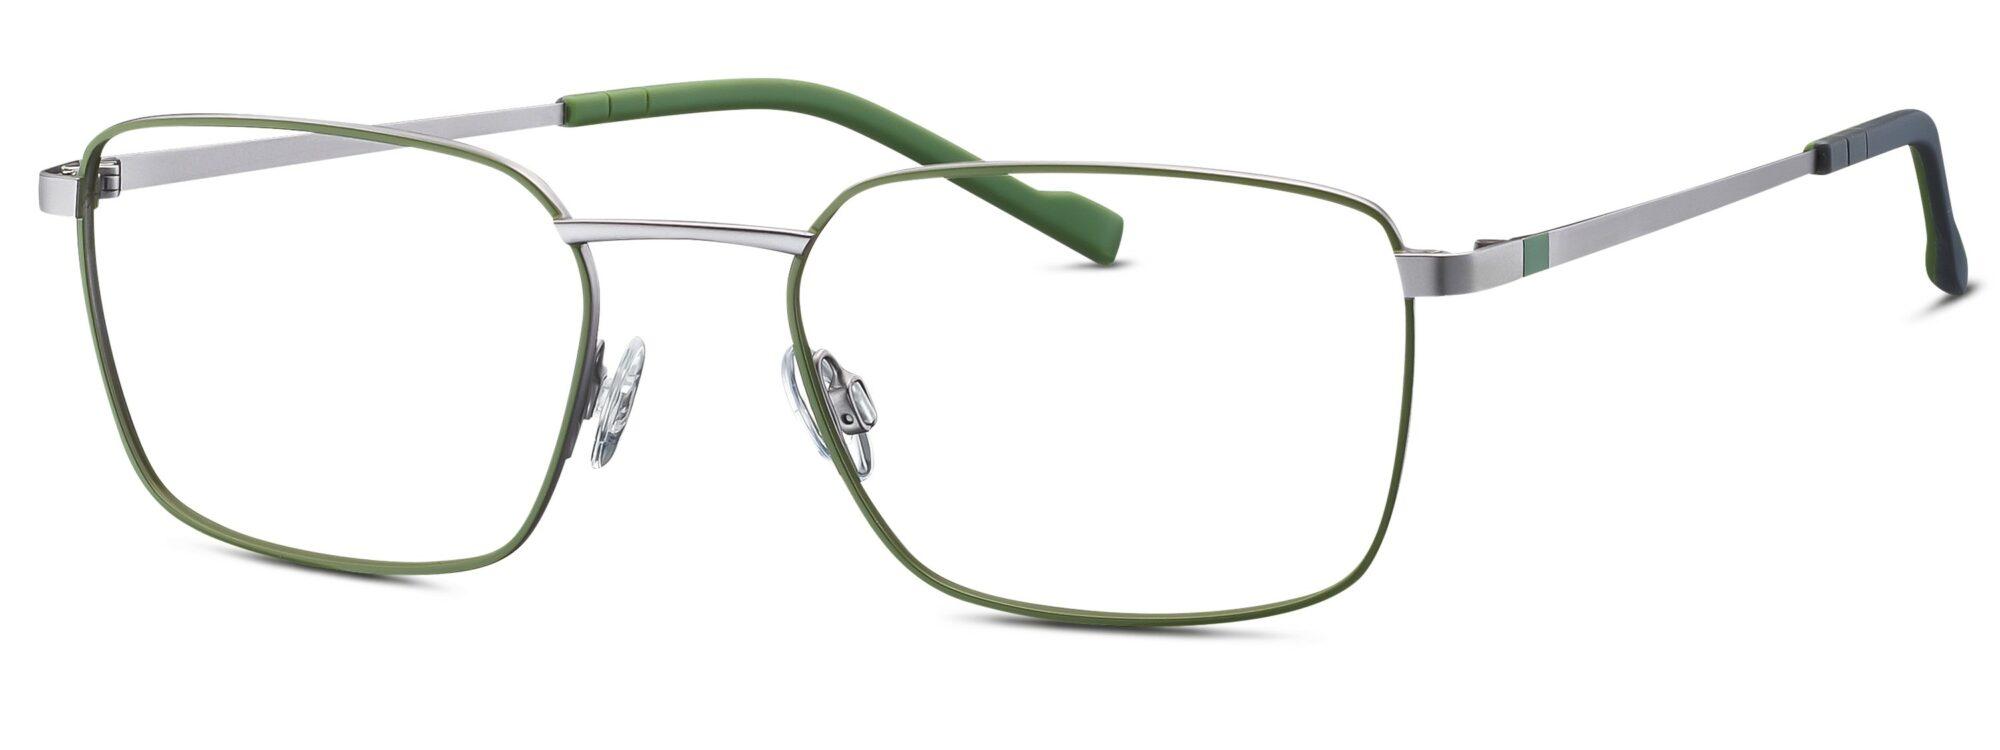 TITANFLEX - 850097-34